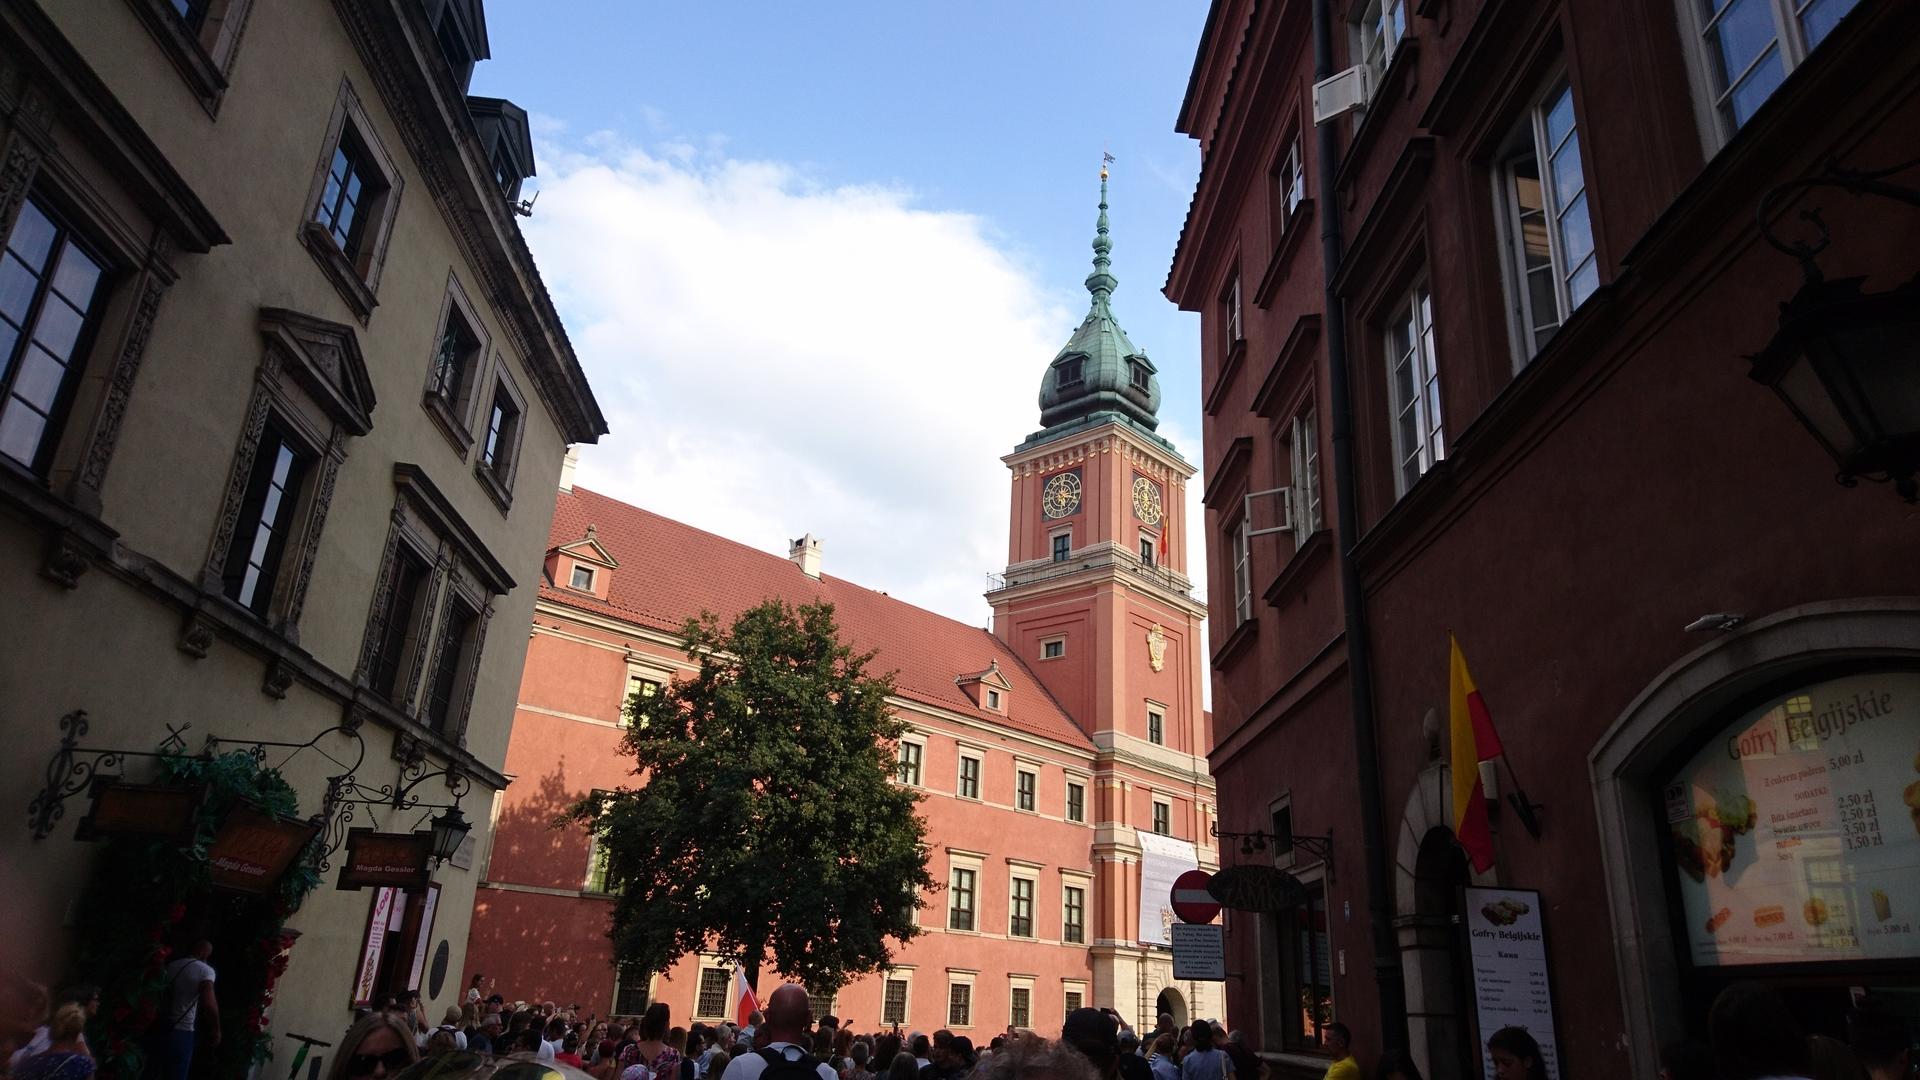 ワルシャワ蜂起の記念日に、このツアーを偶然申し込みました。  わかりやすい説明で、旧市街等を案内していただきました。  とても素敵な街でした。